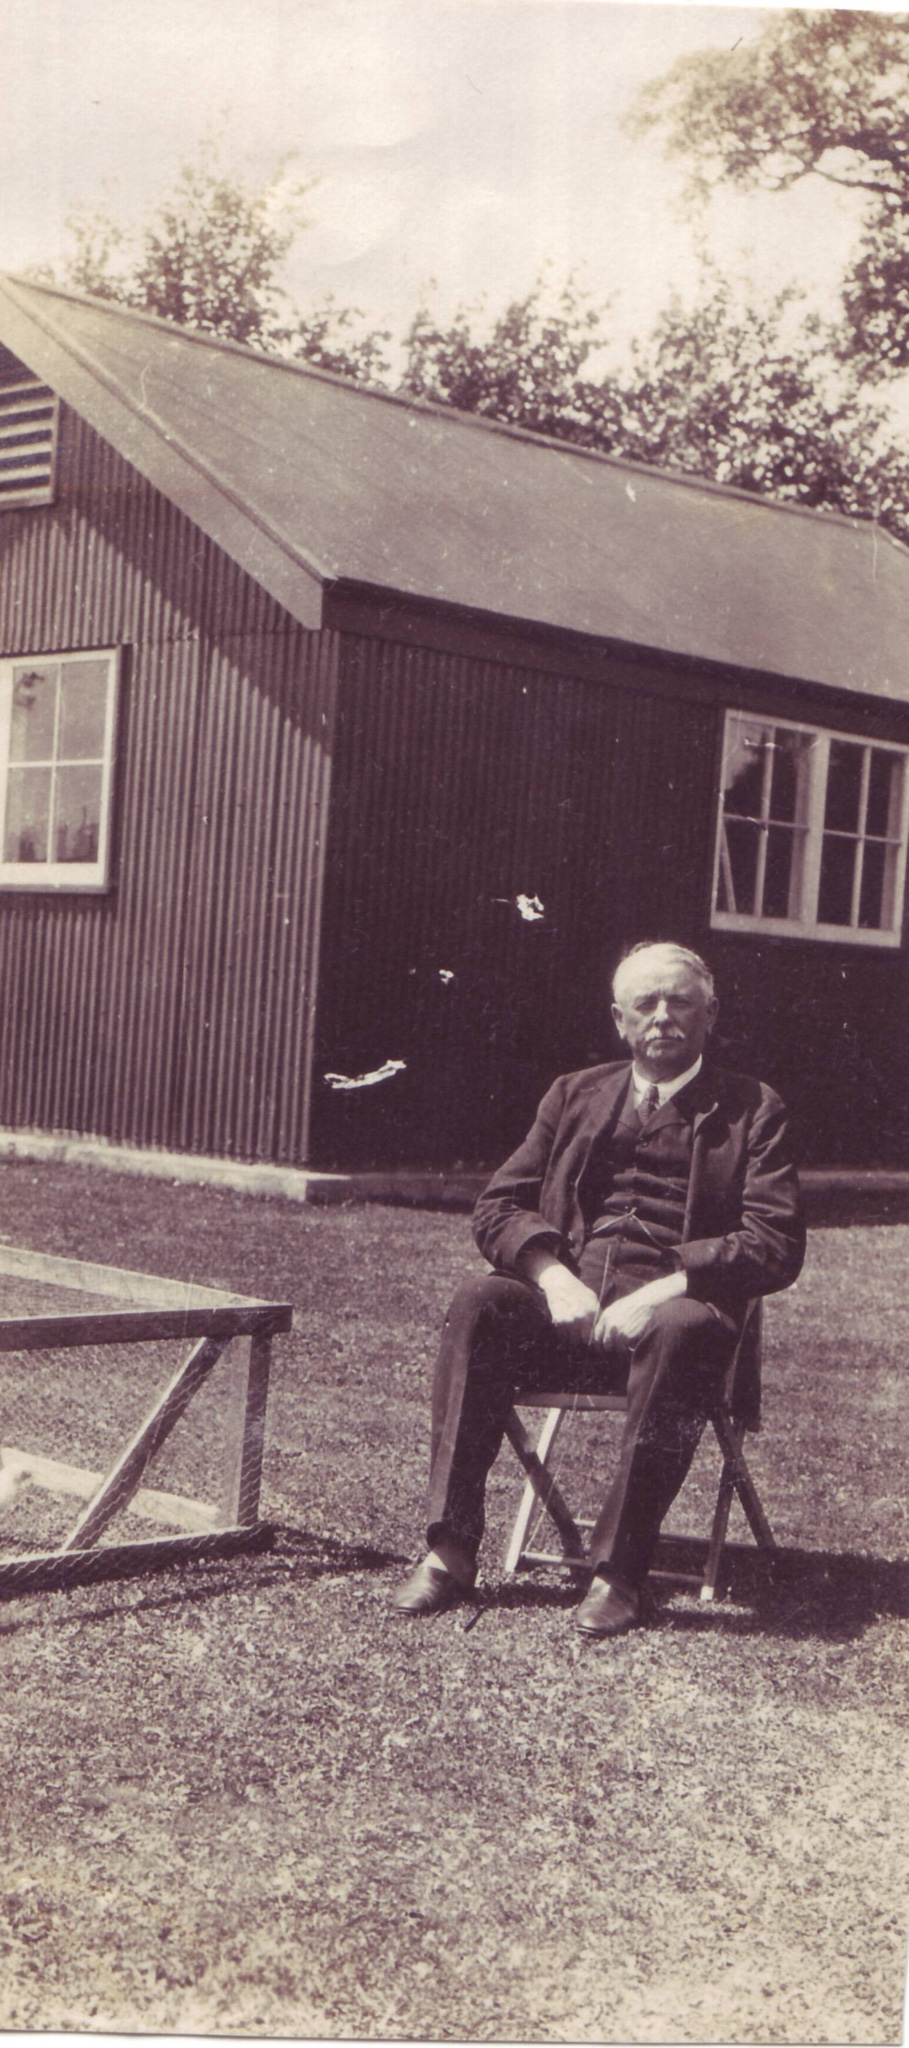 Cyrus Perkins in Older Years